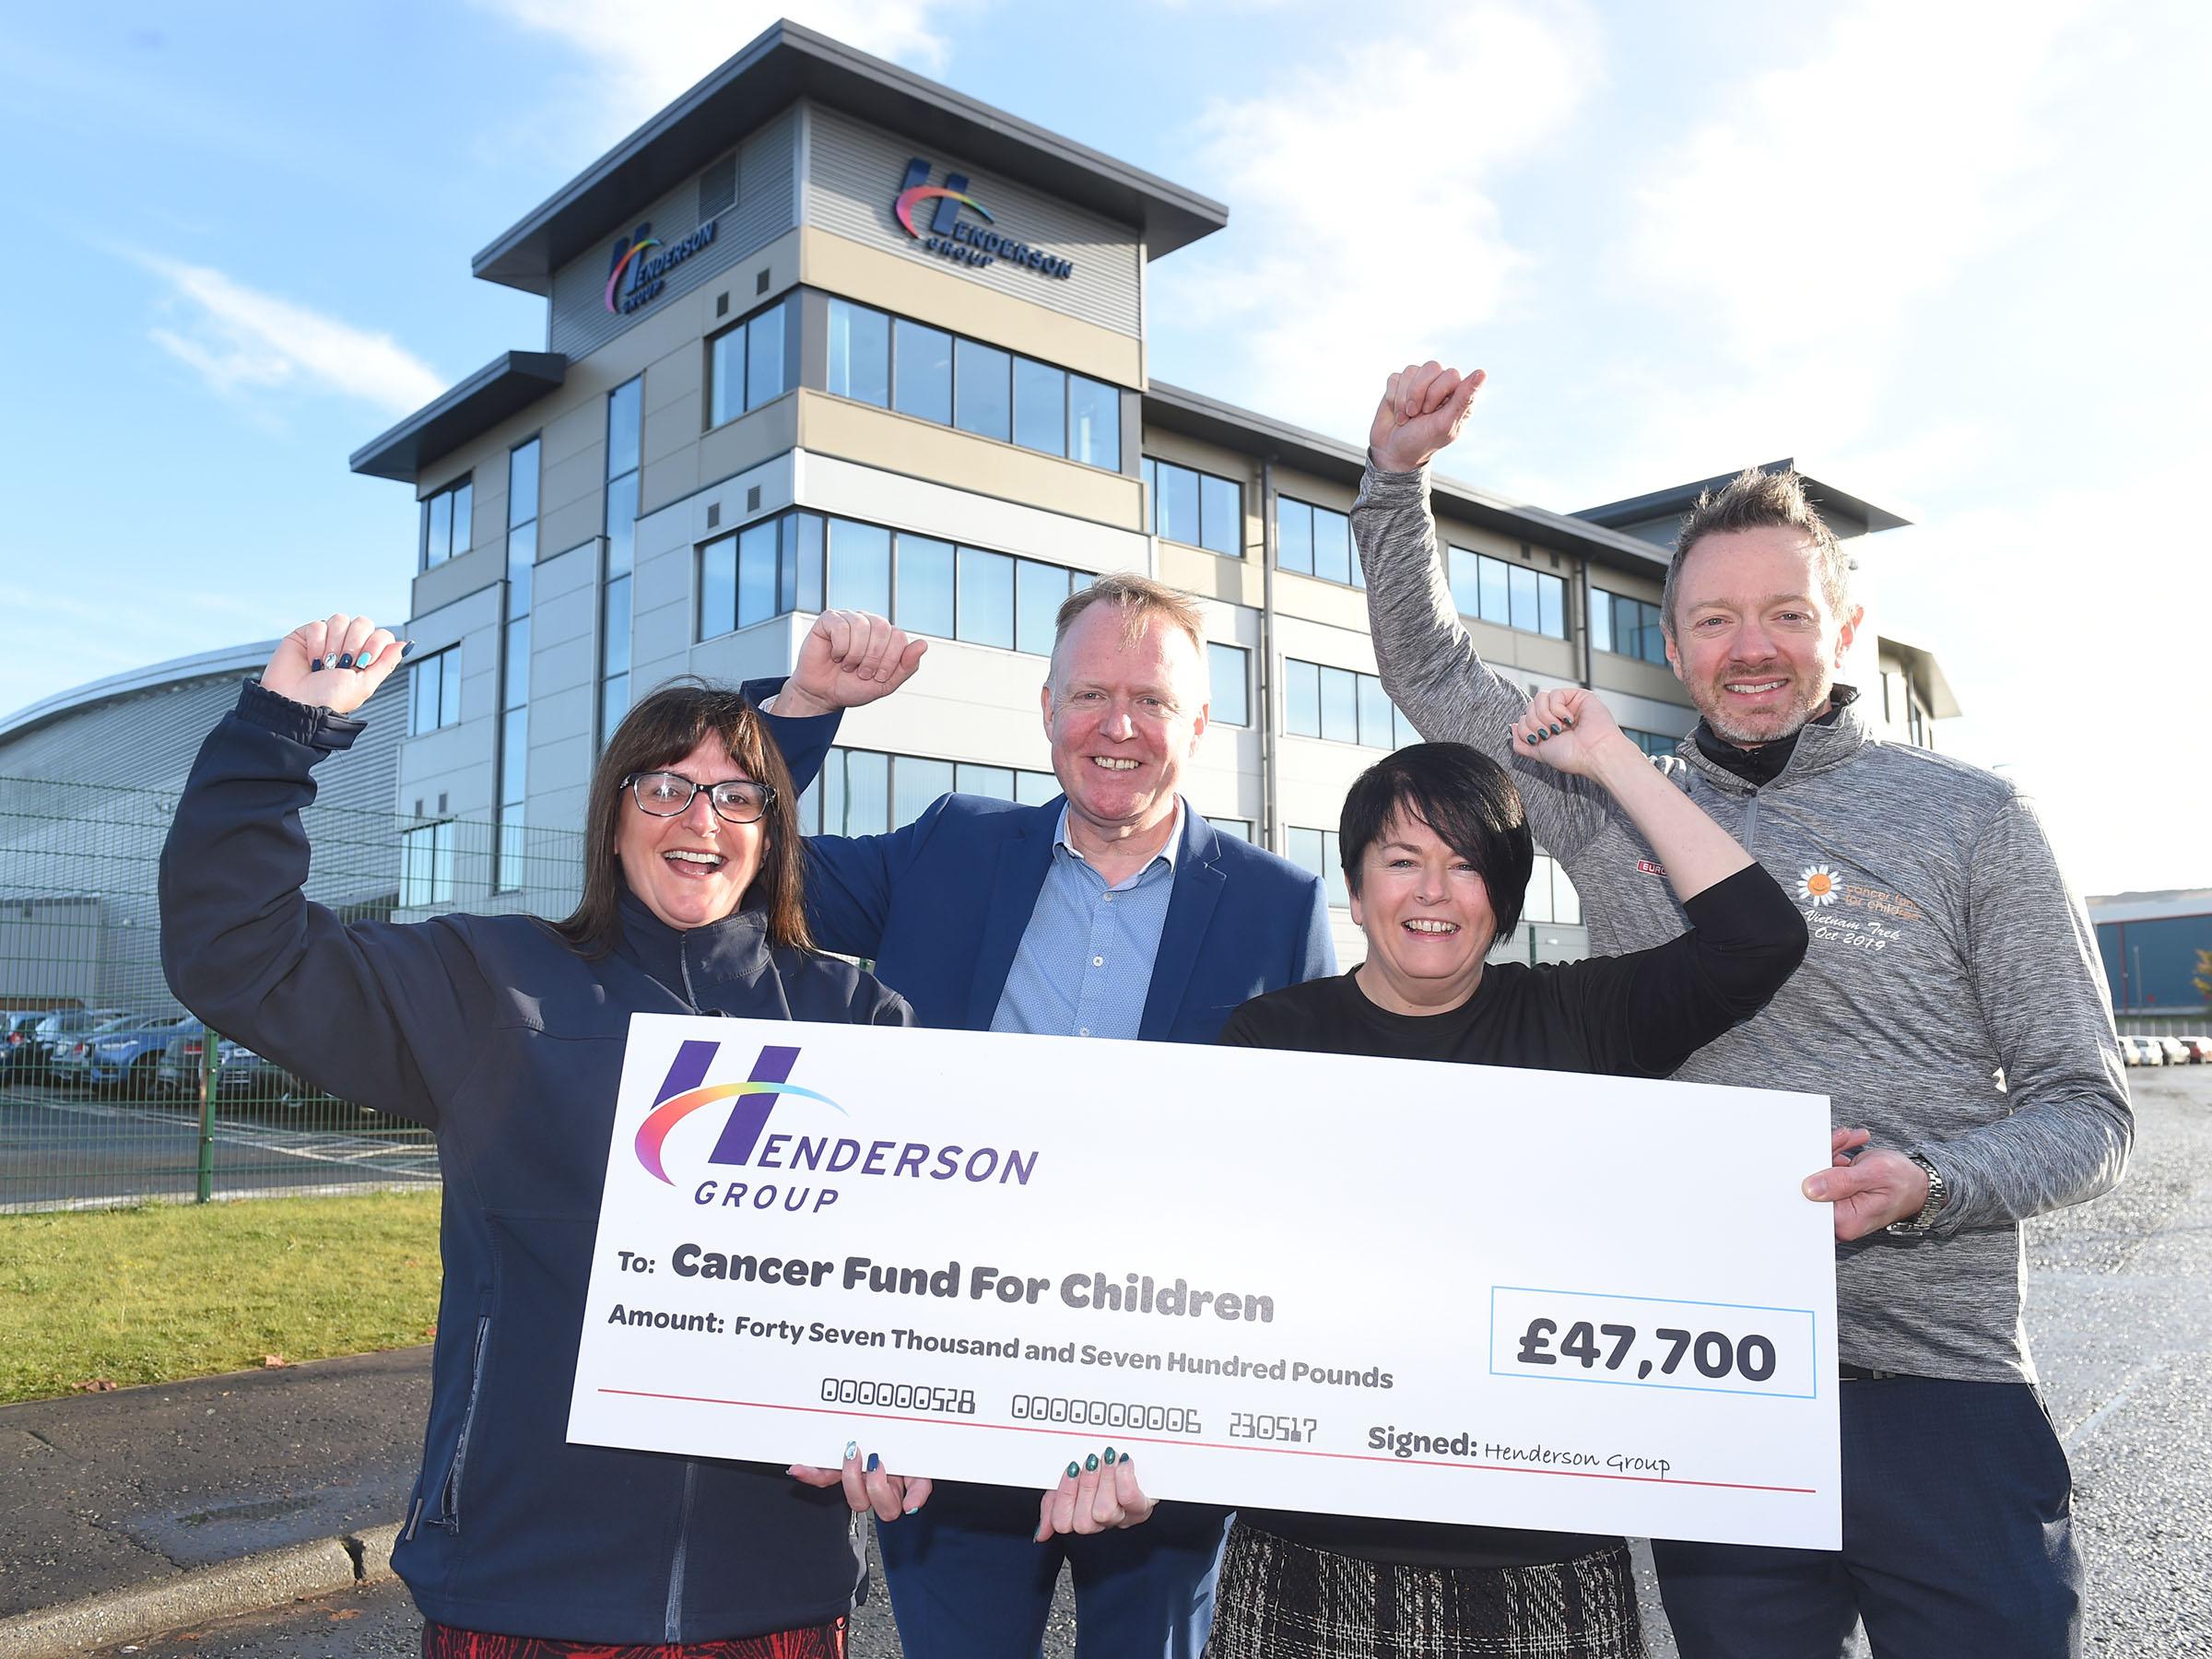 Team trek raises £47k for local cancer charity